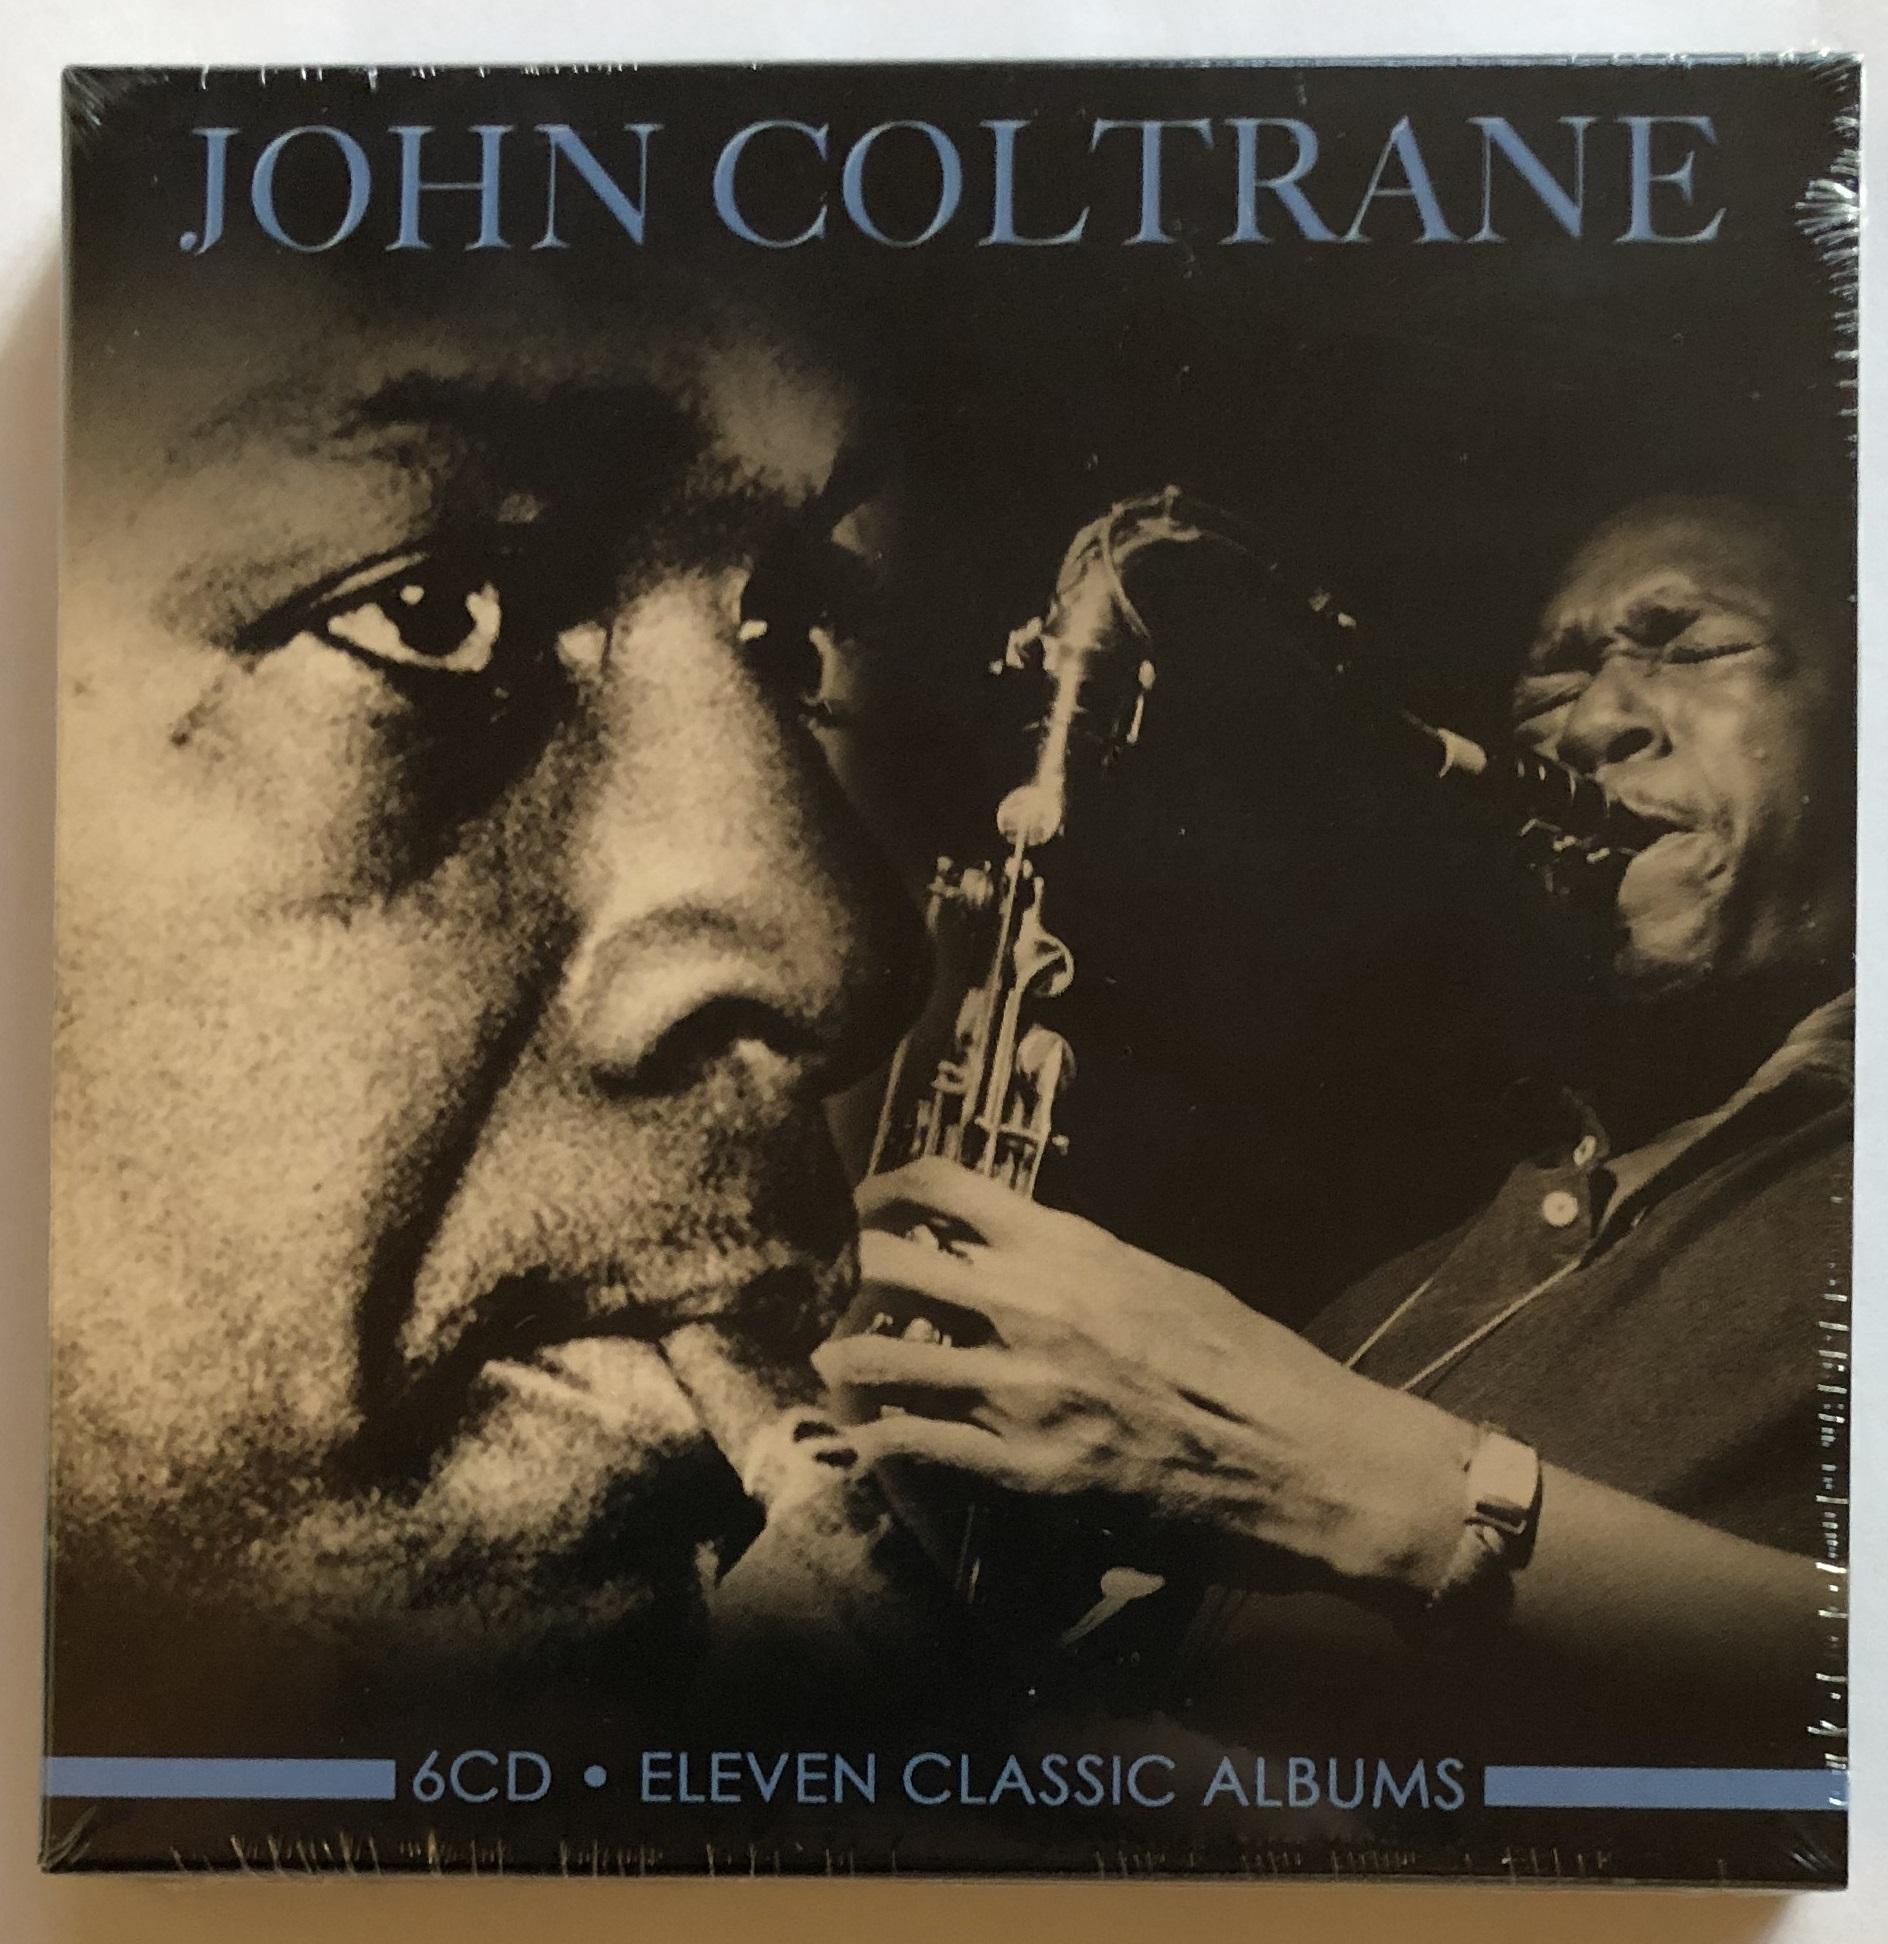 John Coltrane - Eleven Classic Albums